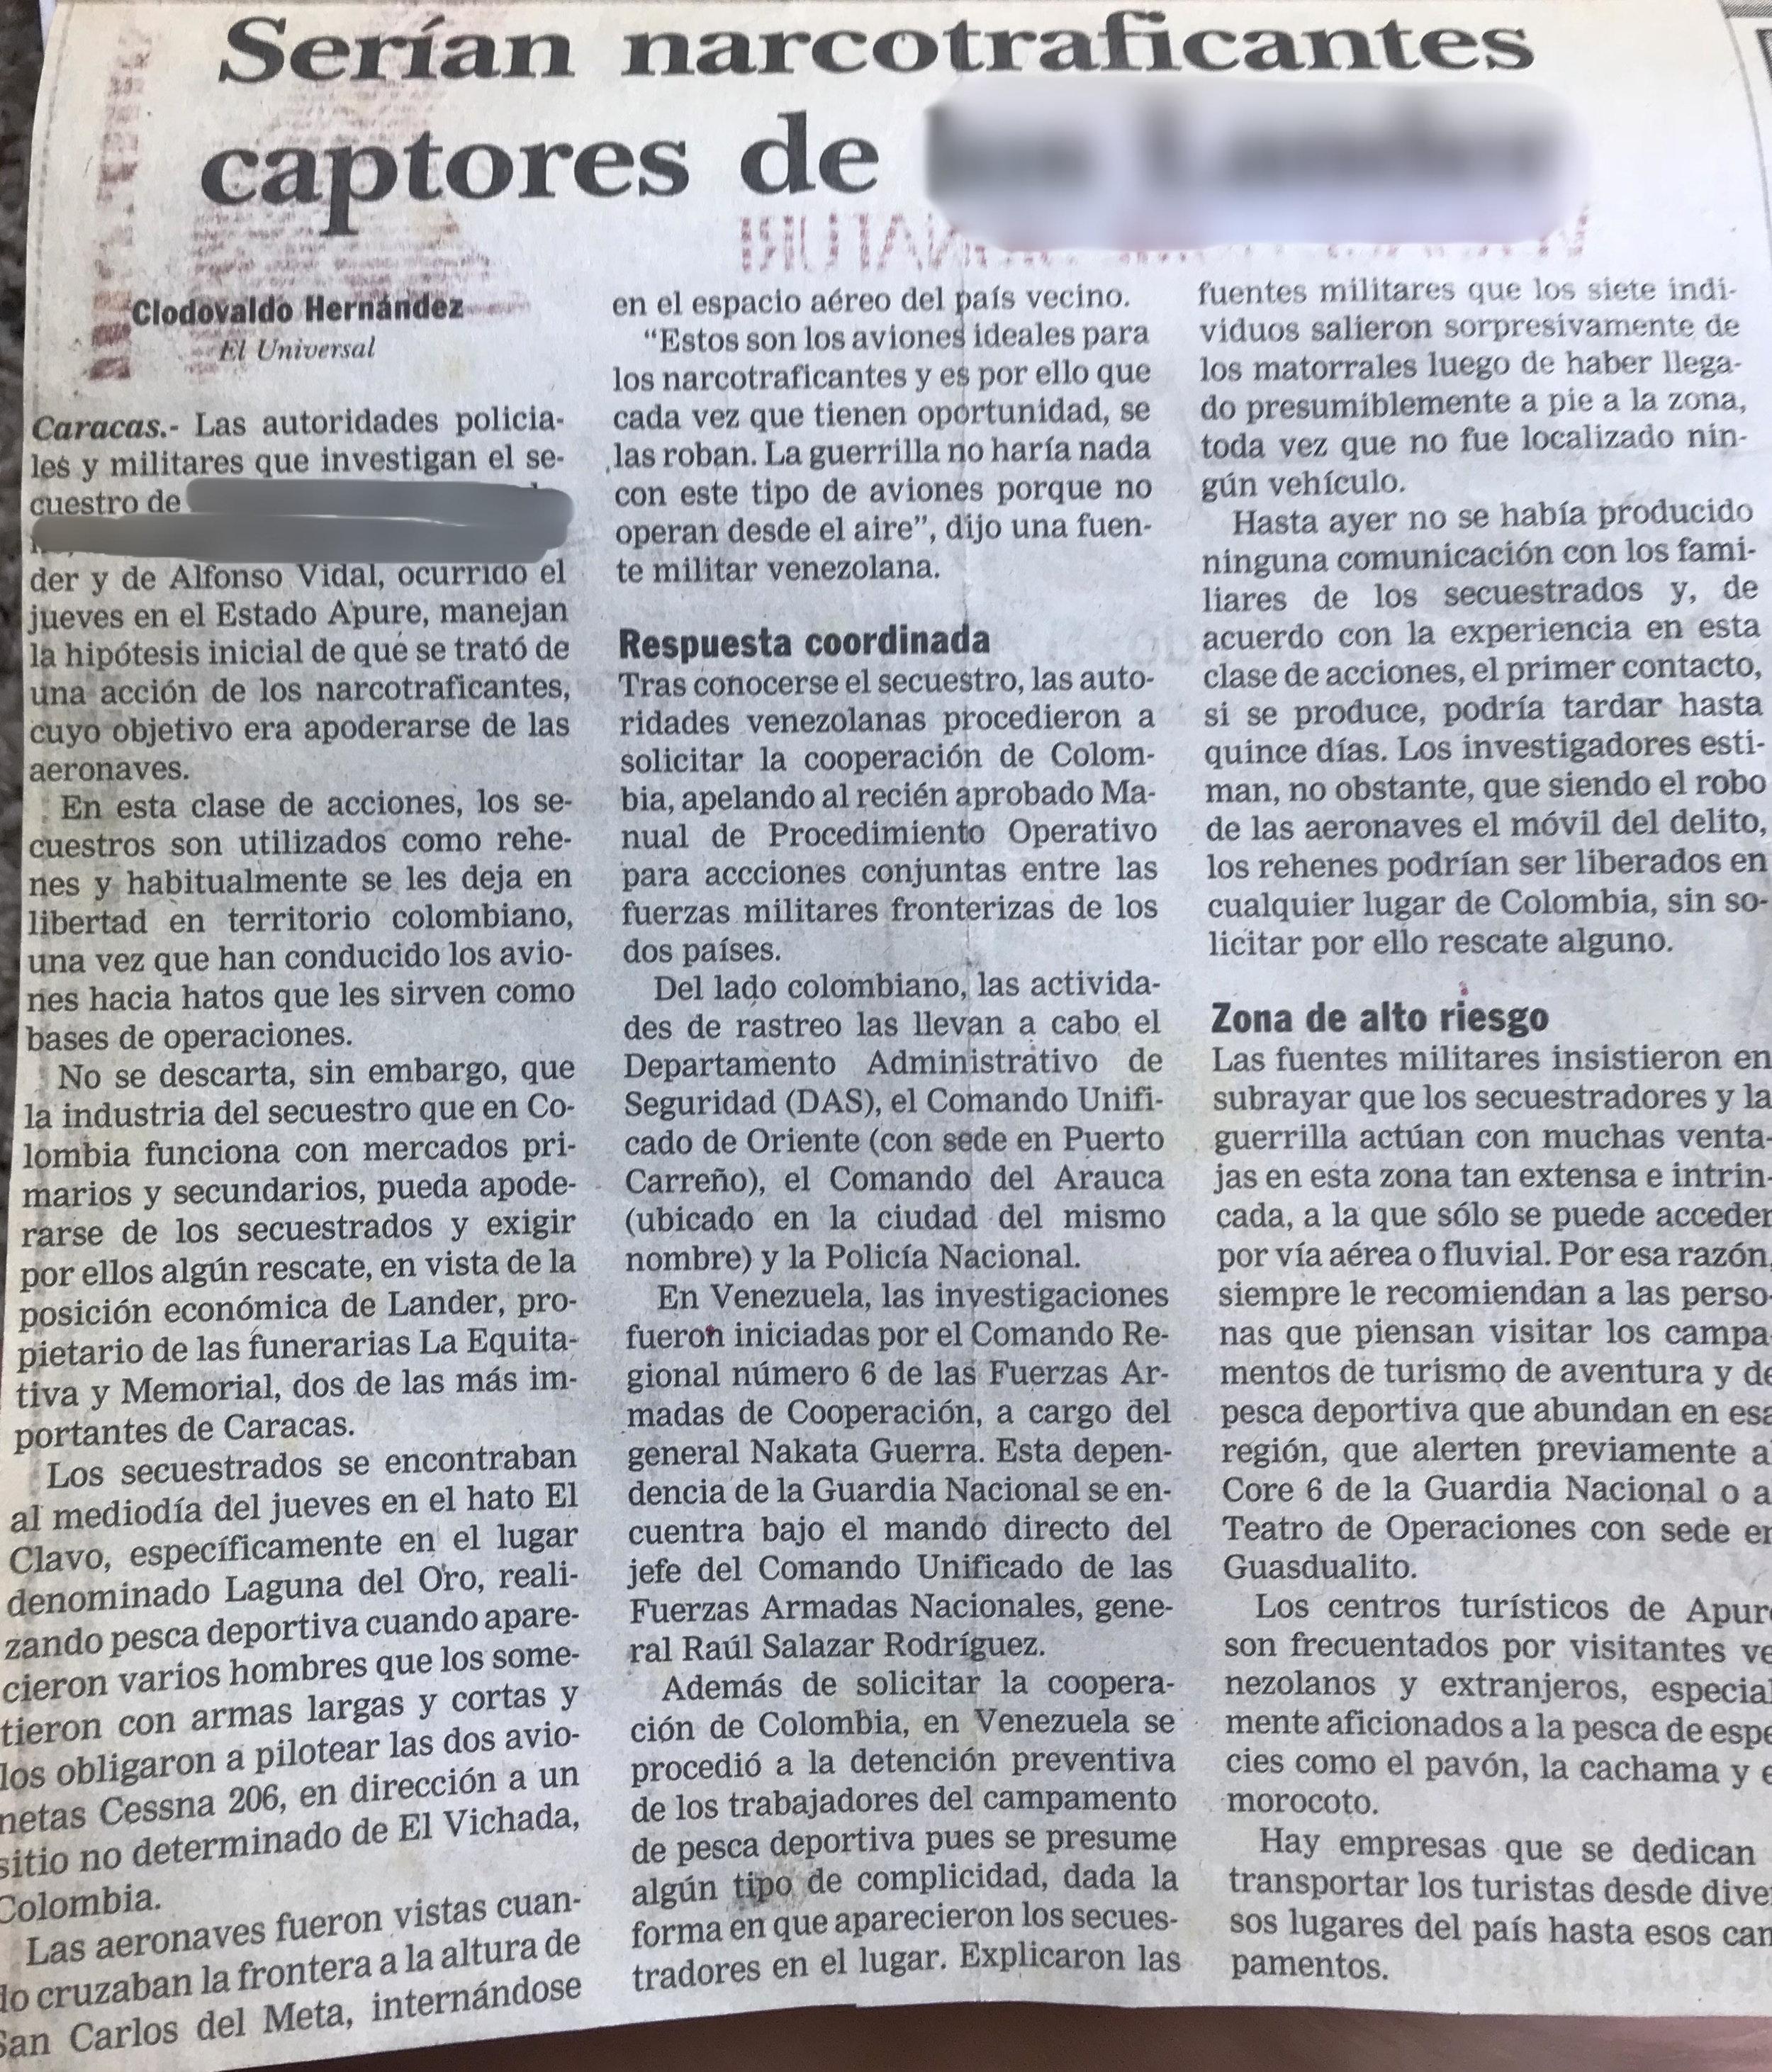 AlfonsoVidal2.jpg